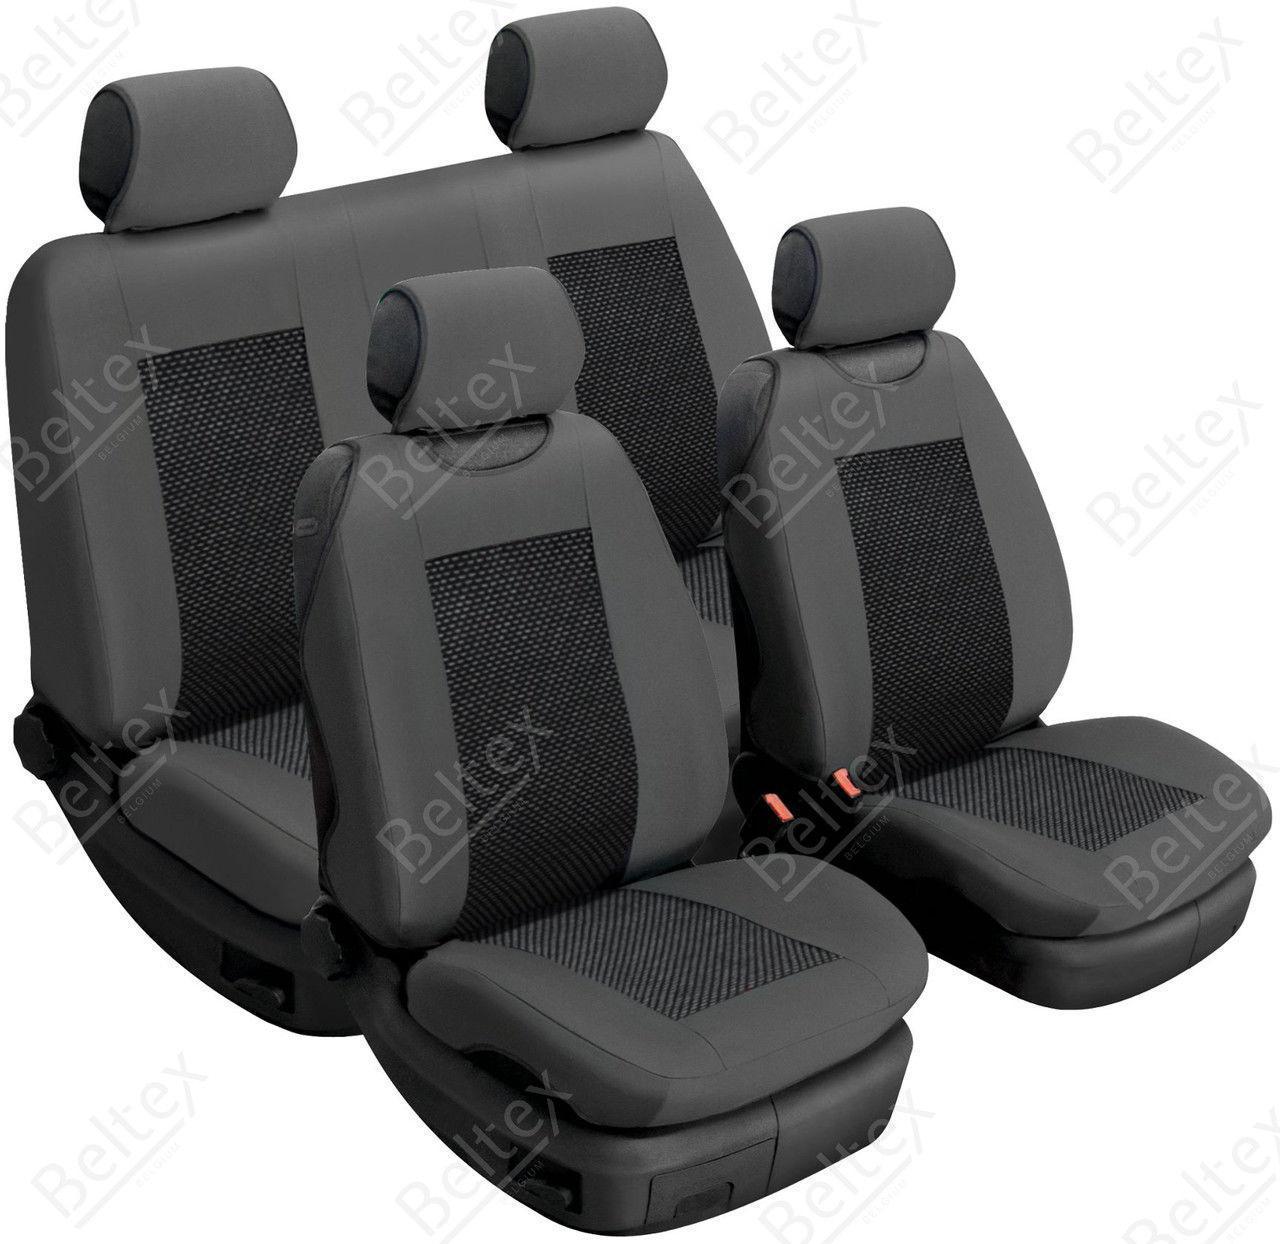 Майки/чехлы на сиденья Джип Патриот (Jeep Patriot)